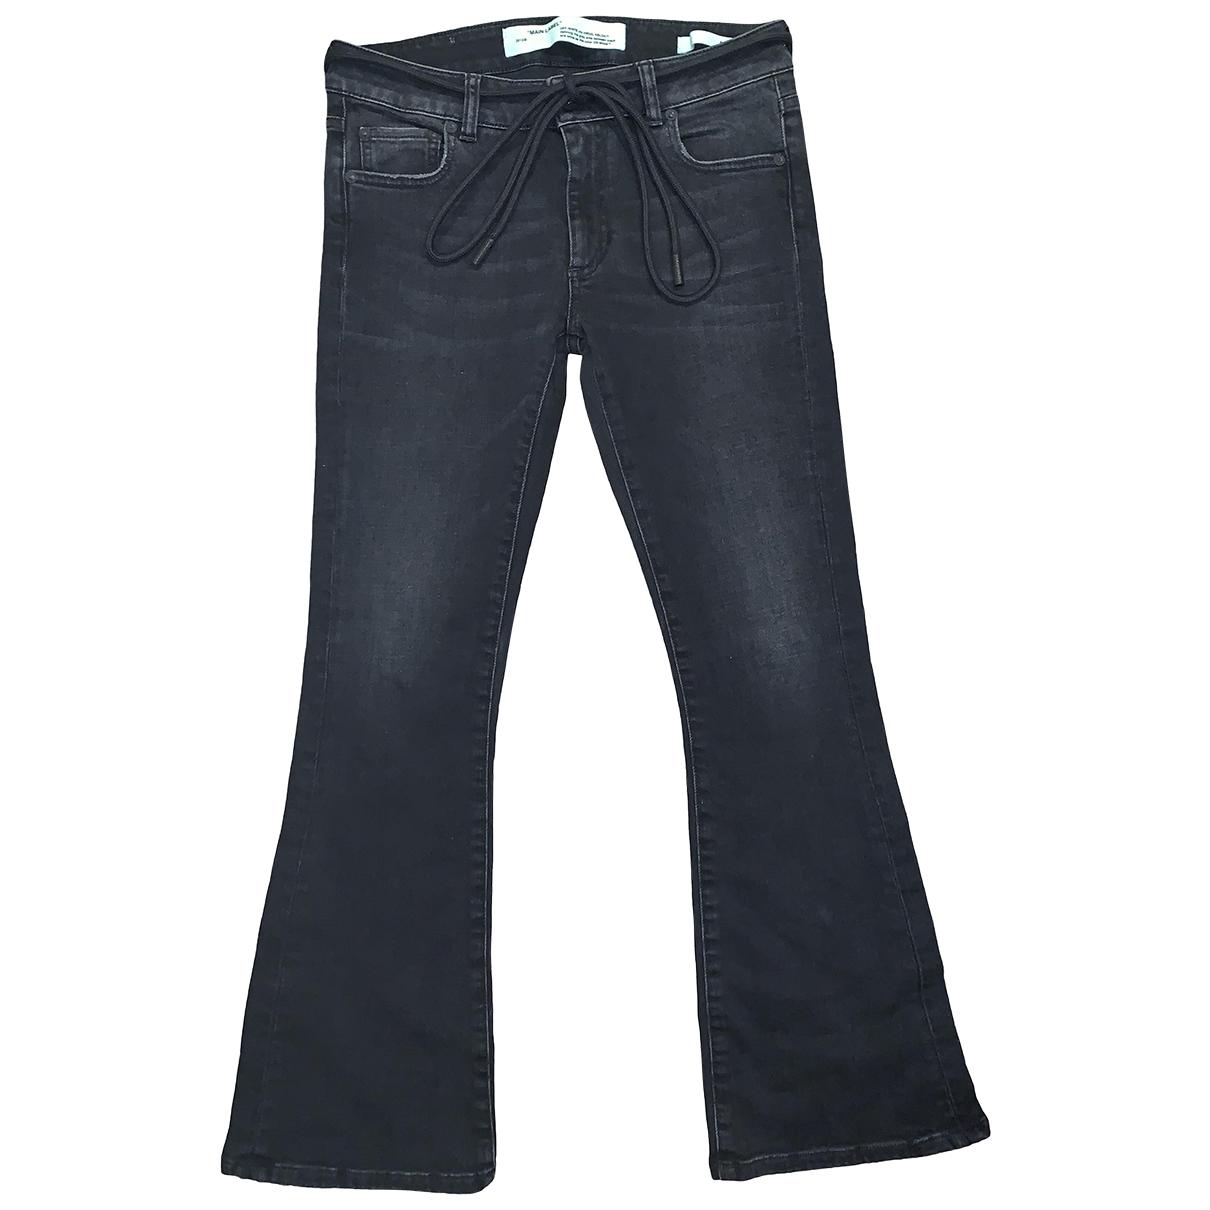 Off-white \N Black Denim - Jeans Jeans for Women 28 US